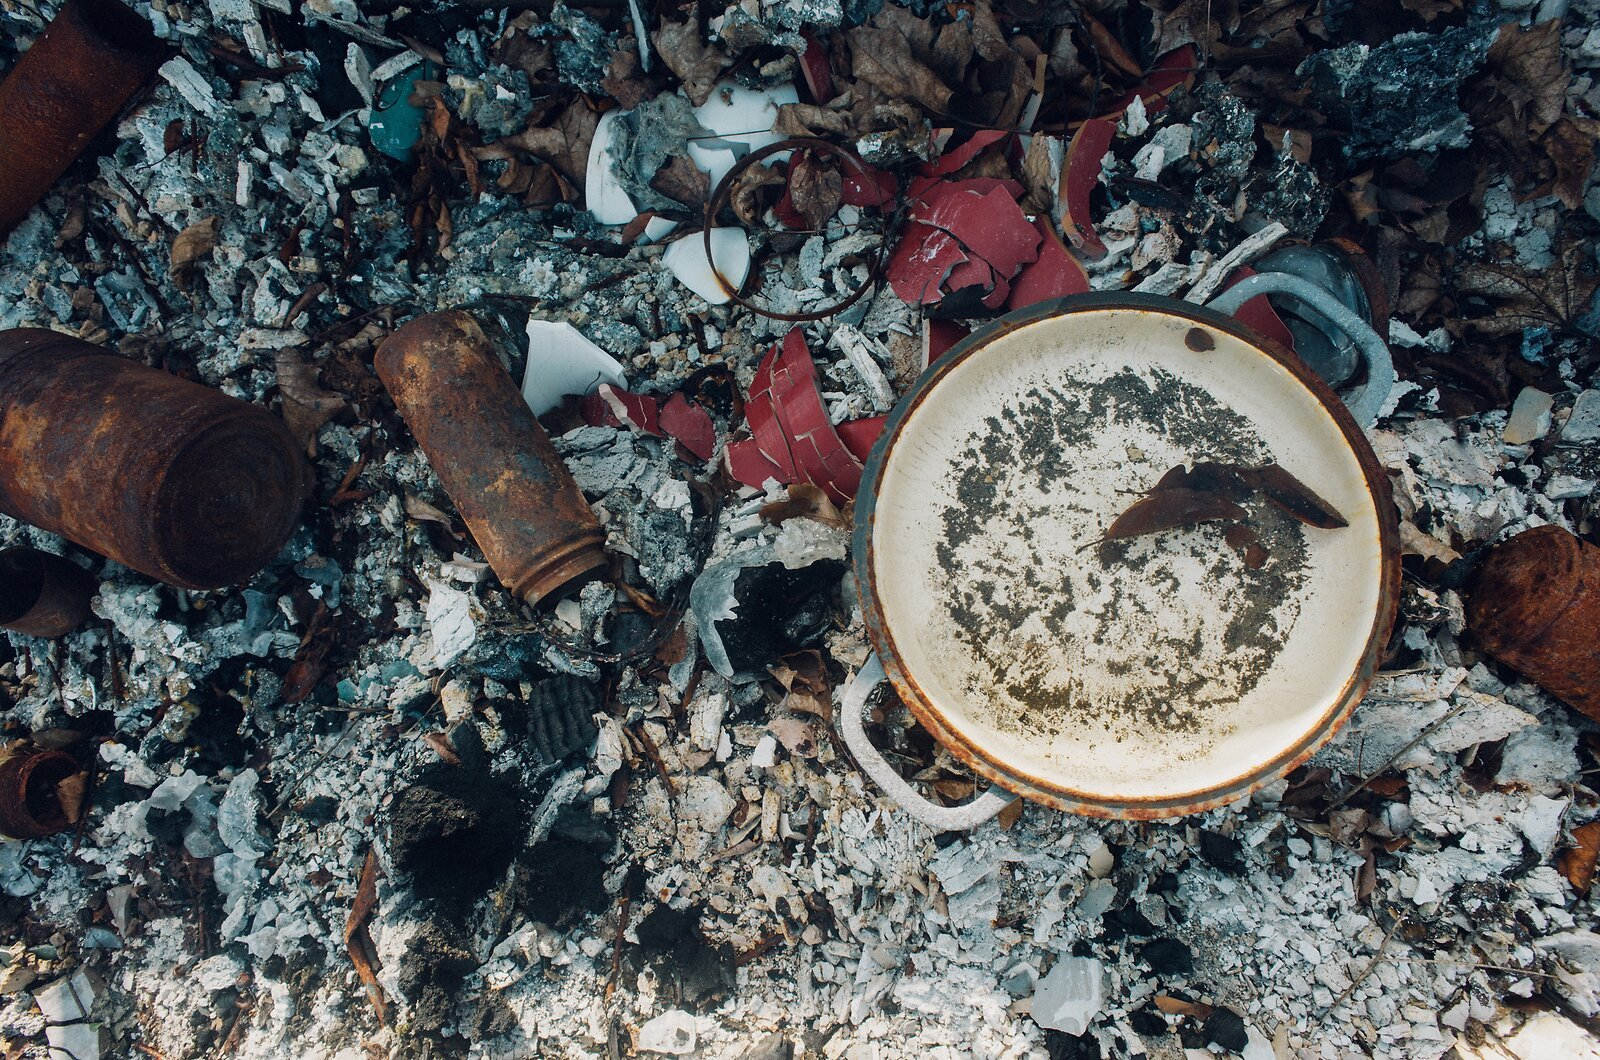 GRII_Feb6_21_Metal_bowl_in_burned_house.jpg